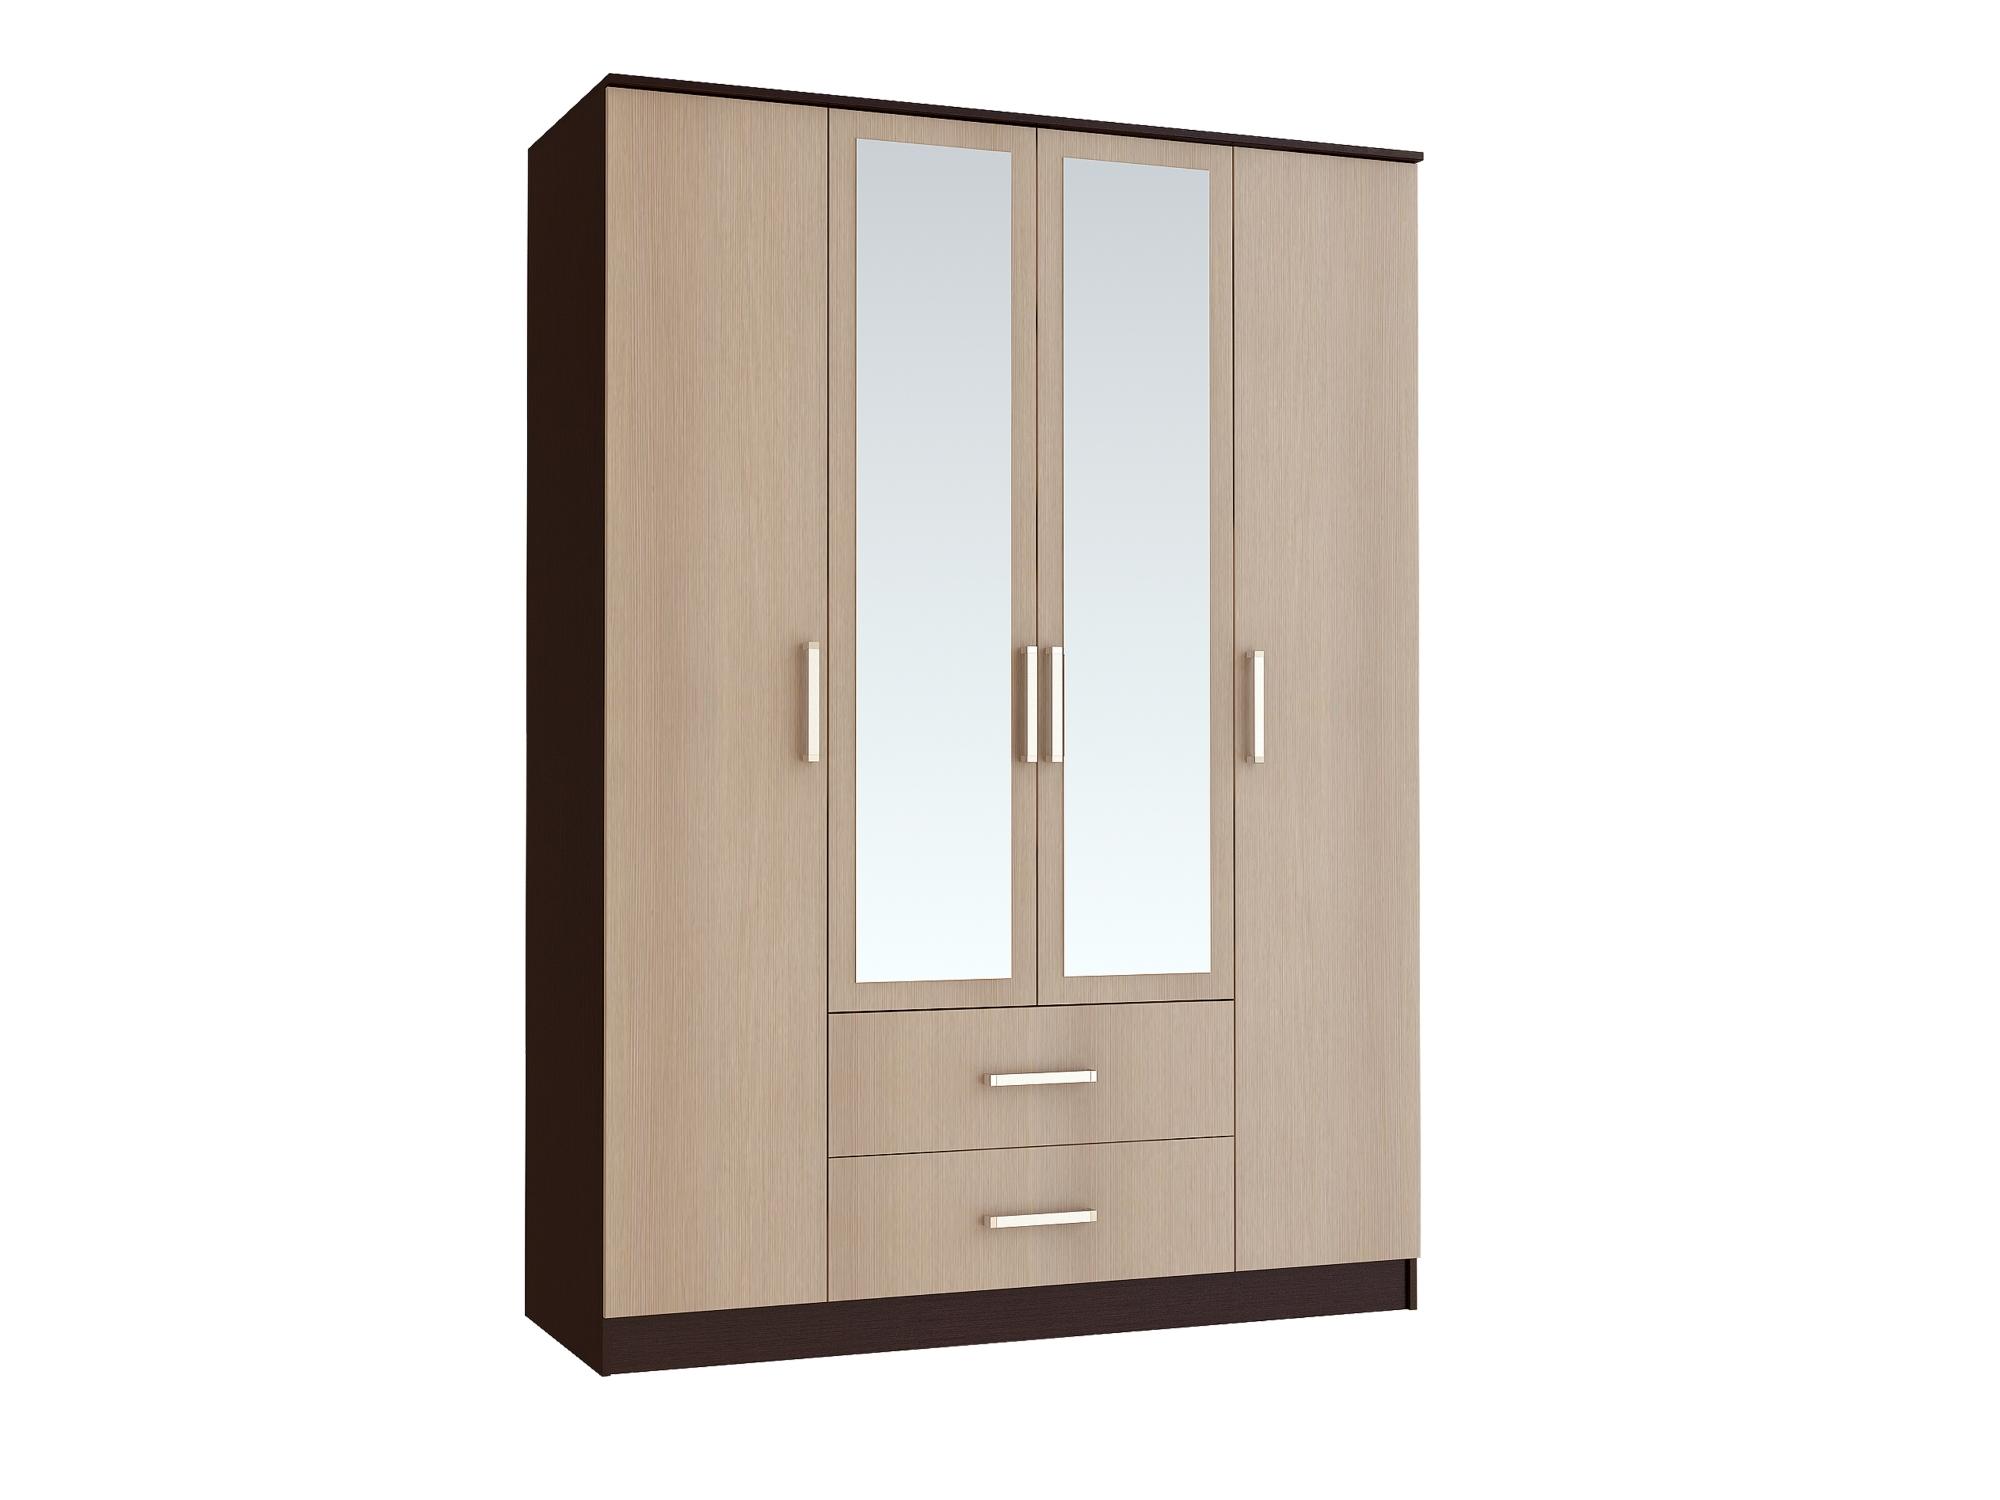 Спальня Фиеста (комплект 1) - фото Шкаф 4-х дверный Фиеста